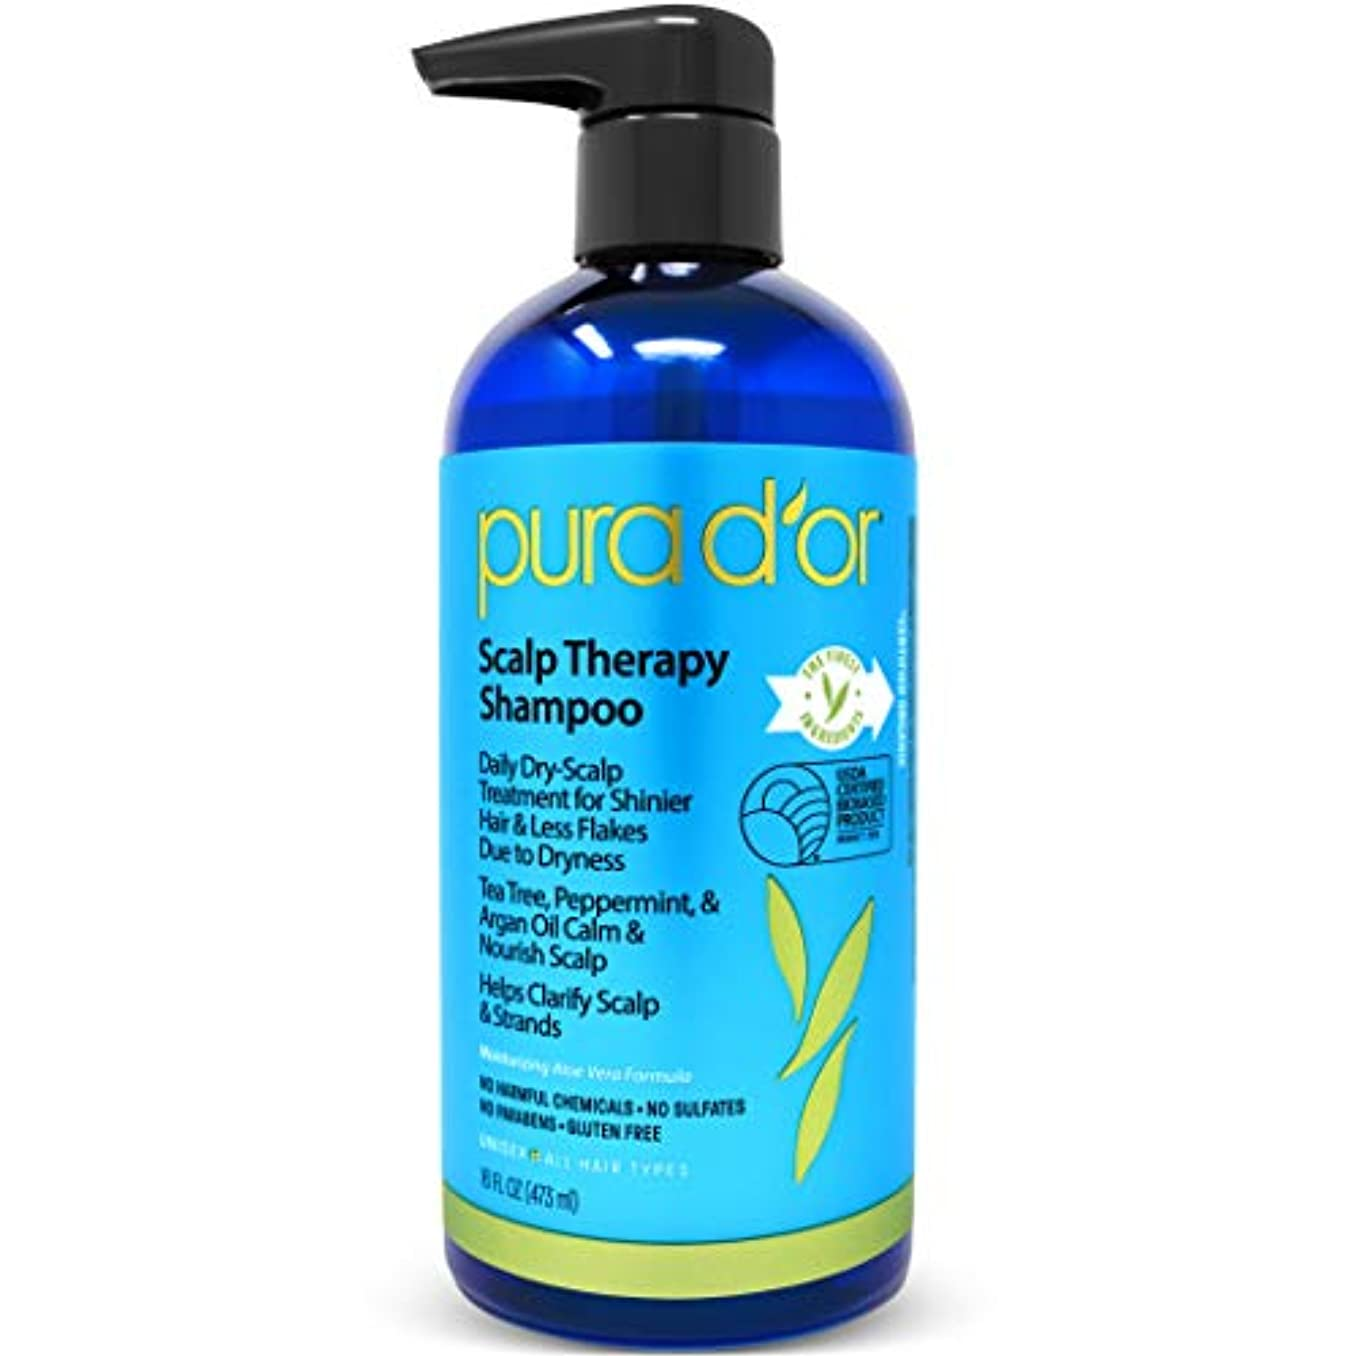 取得リード納税者Pura D'or Premium Organic Solution - Scalp Therapy Shampoo - 16 fl oz (473 ml) プラドール スカルプセラピー シャンプー